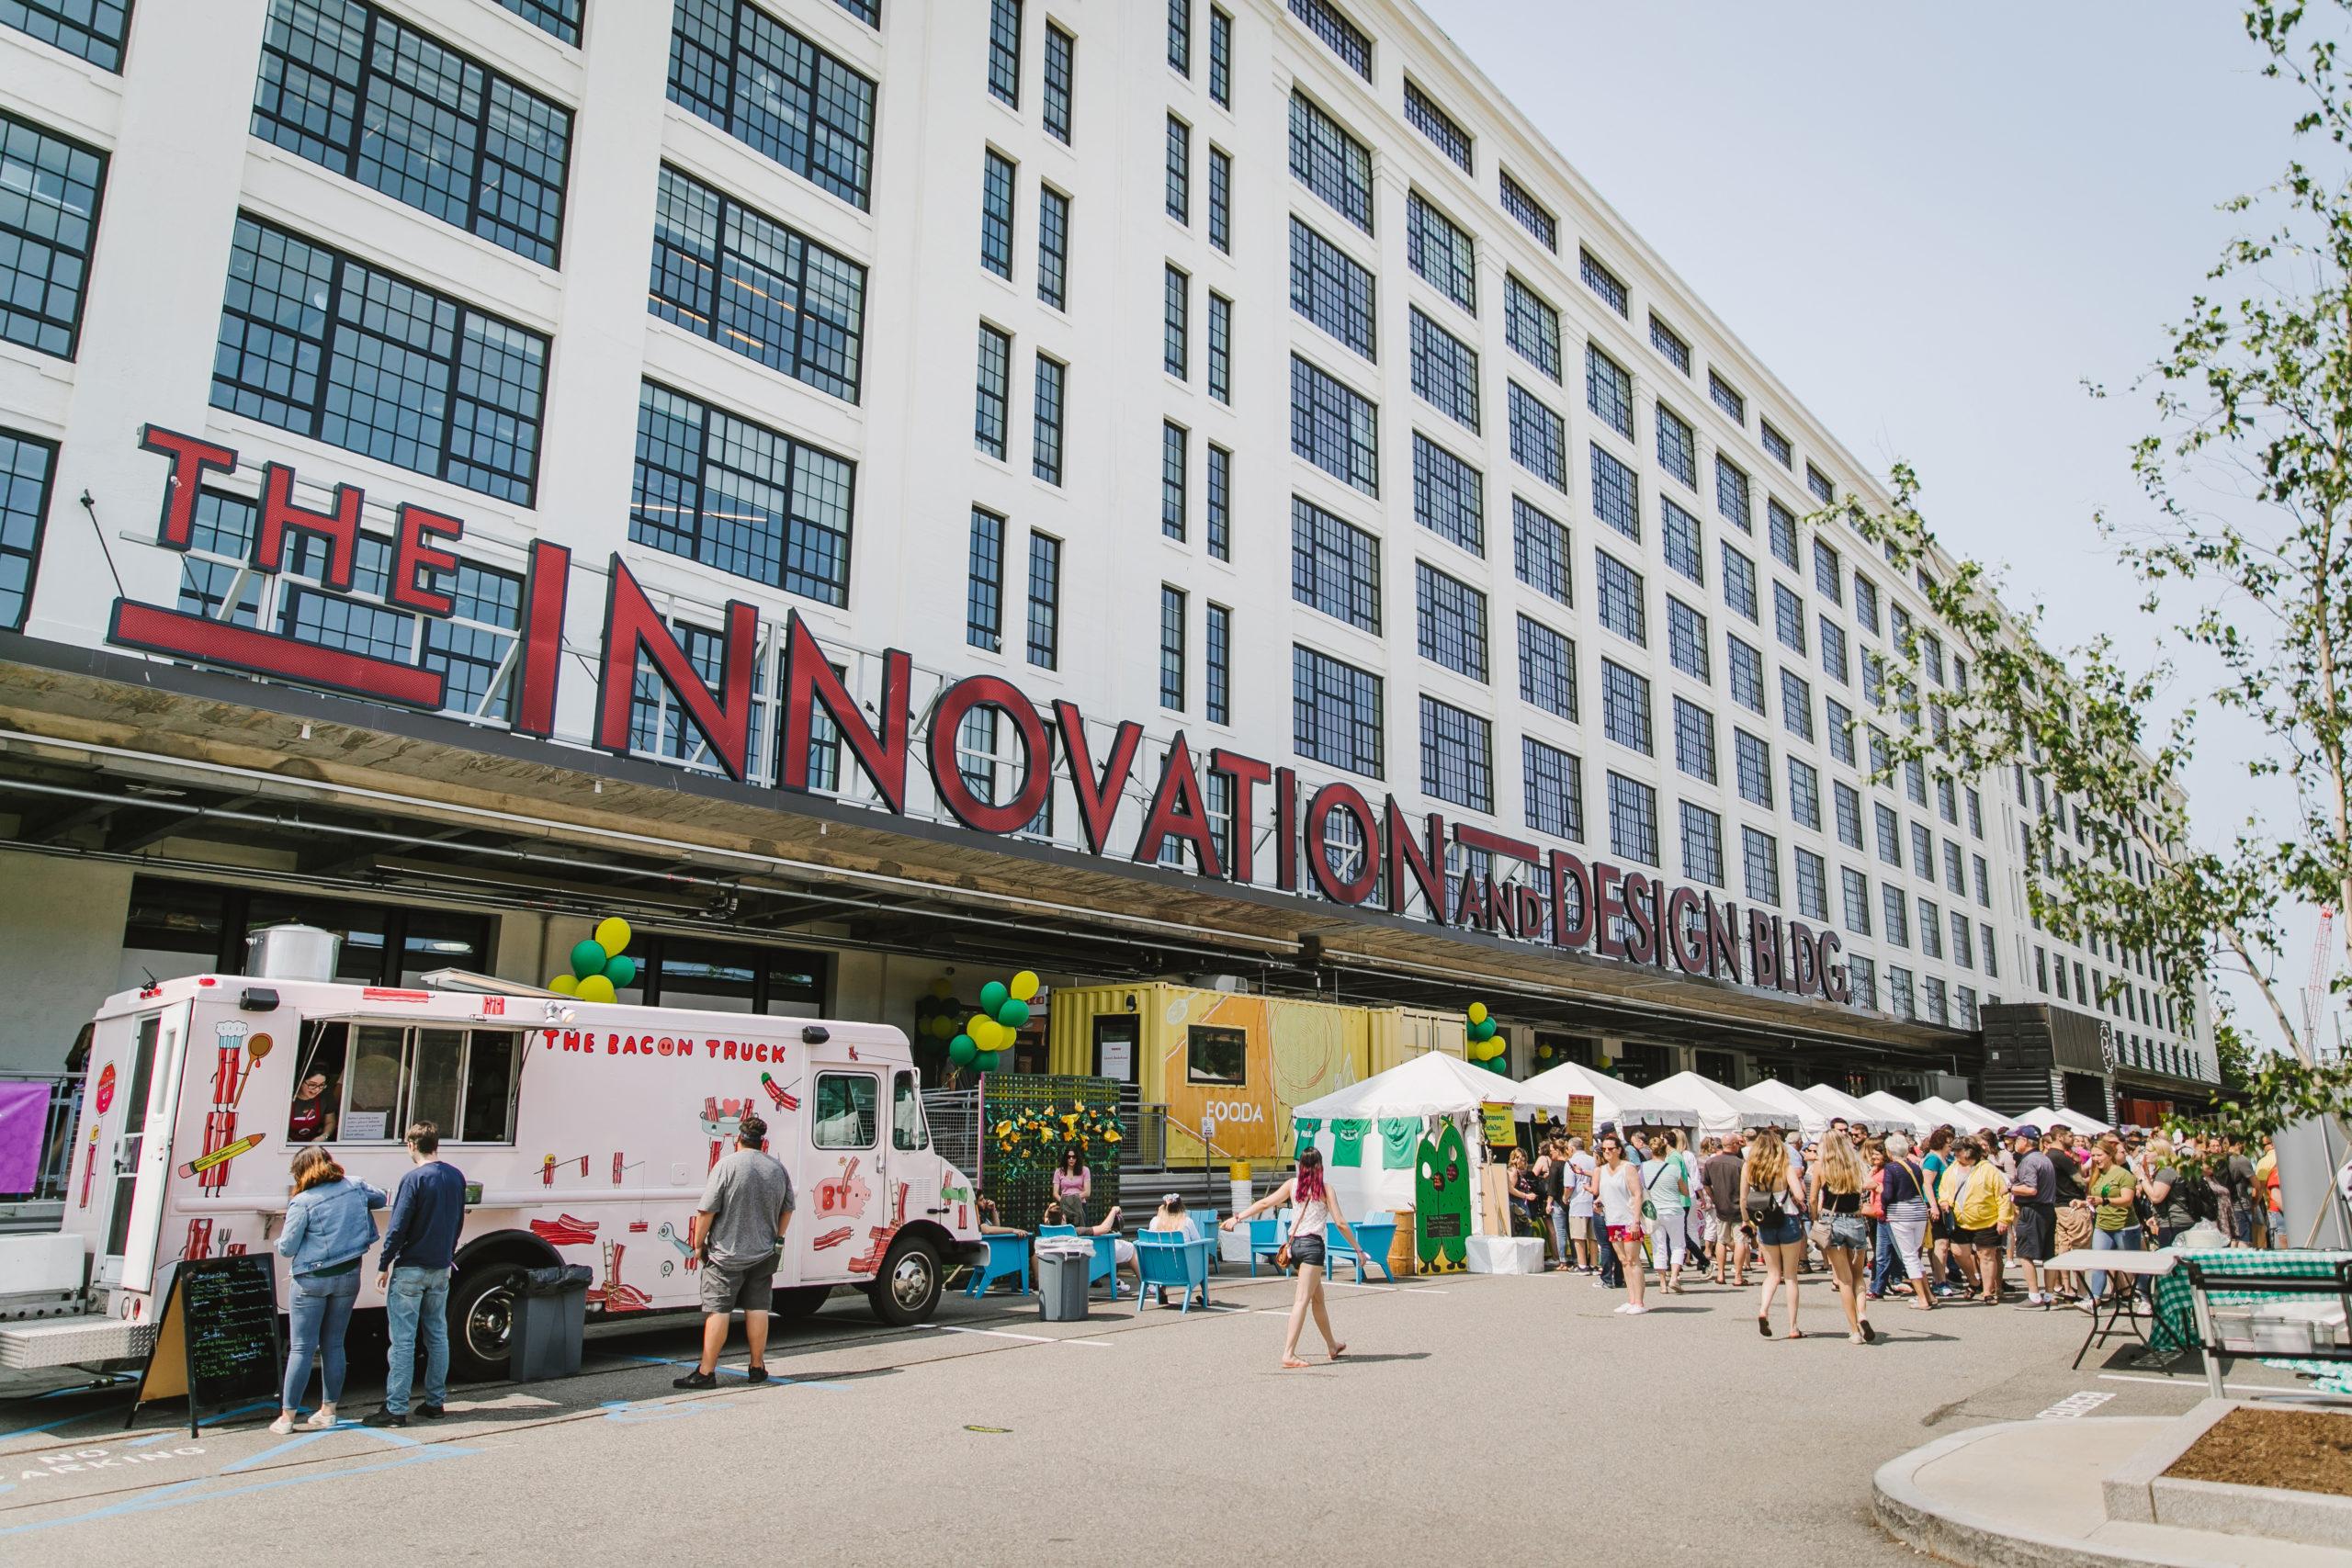 Innovation Design BLDG